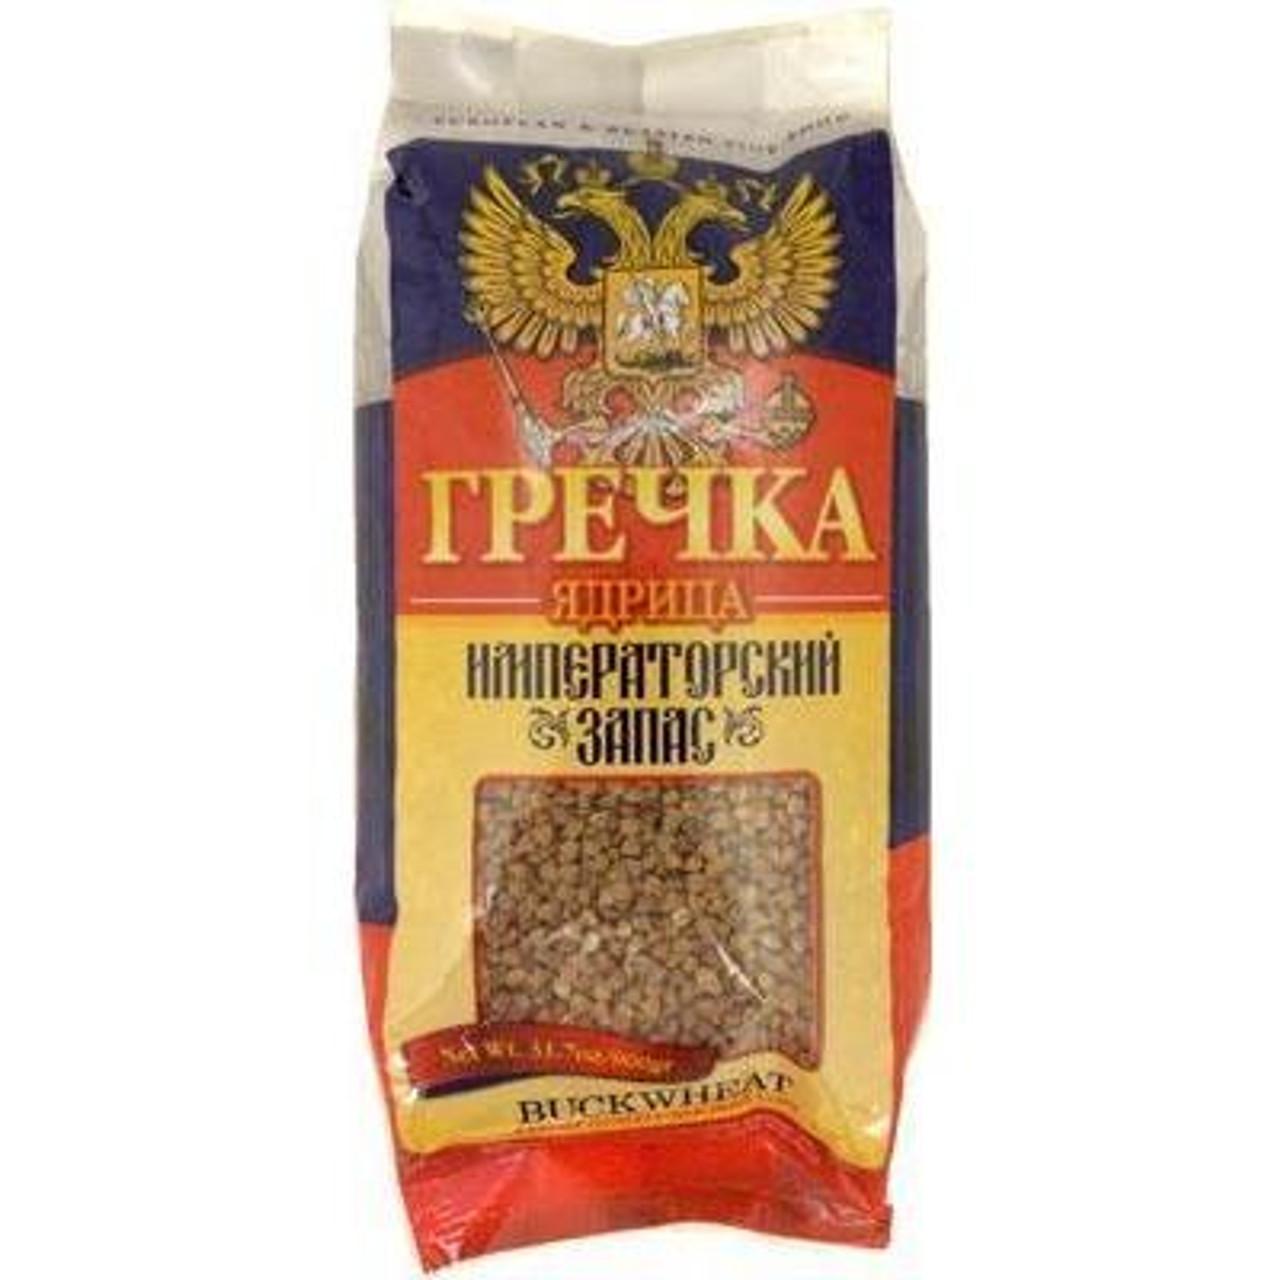 Grechka Buckwheat (Imperskaya)